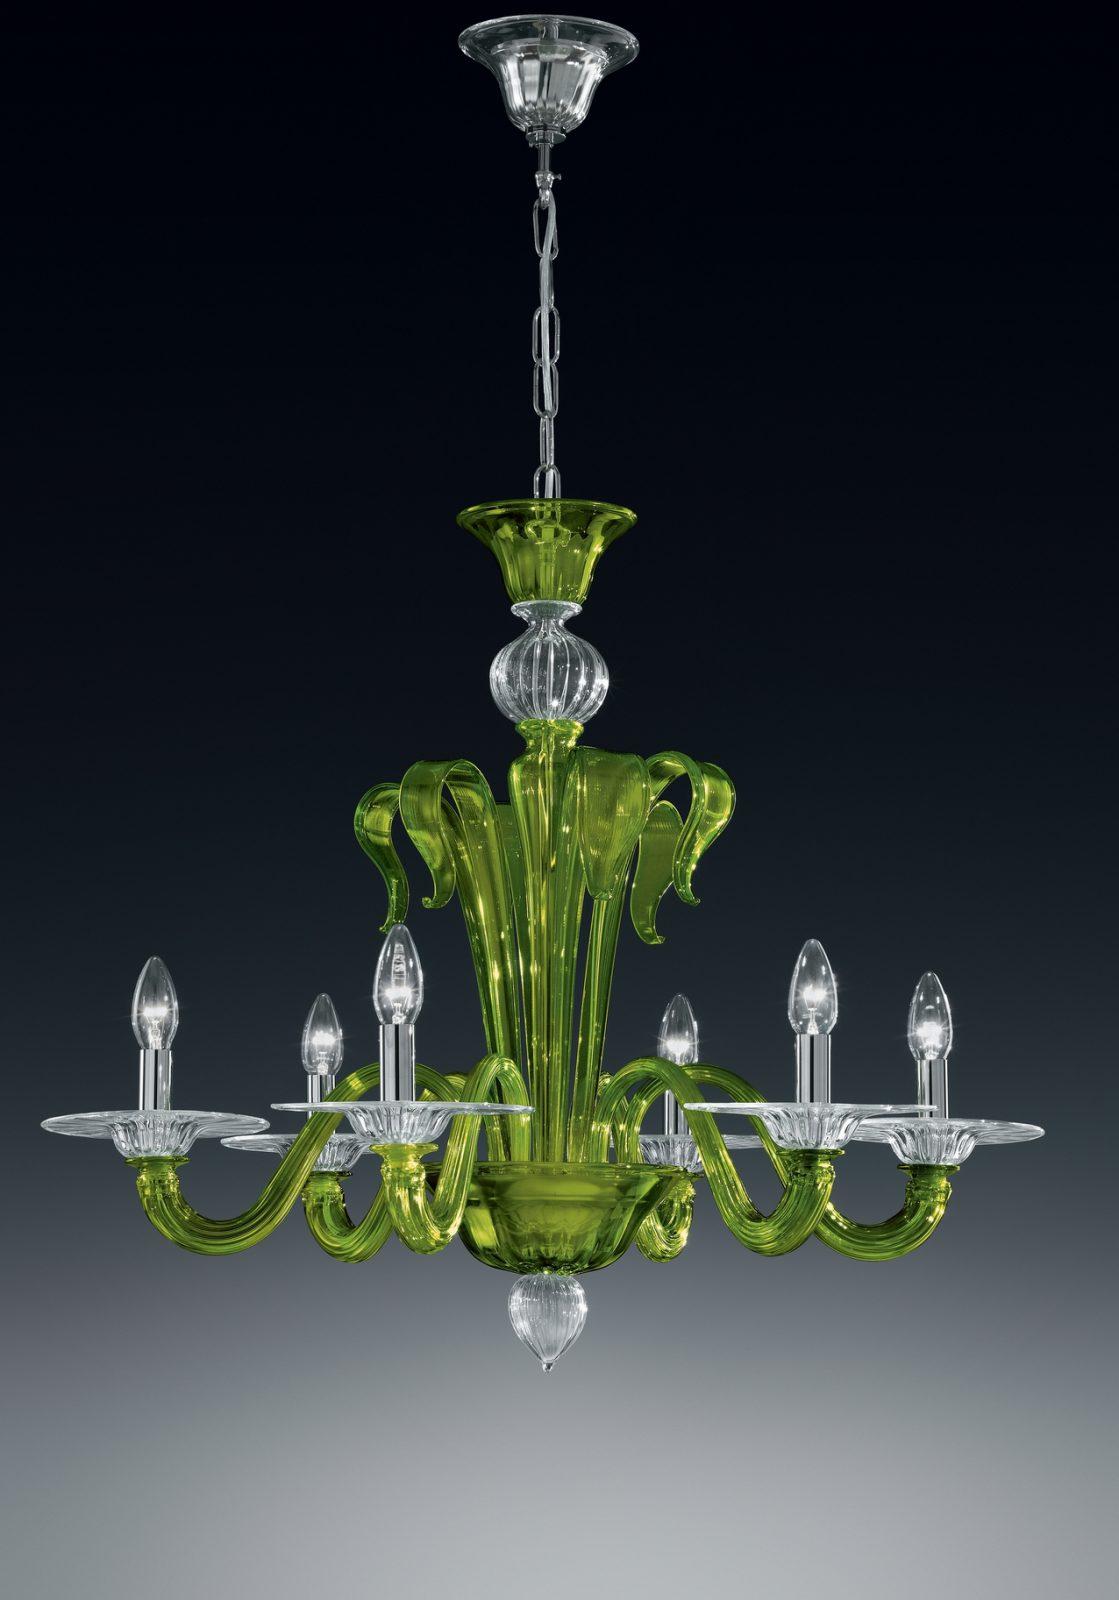 Per ogni lampadario murano si possono abbinare le applique, le lampade da tavolo e flambeaux in vetro di murano. Lampadario 6 Luci 924 6 I Colorati Vetro Di Murano Vetrilamp